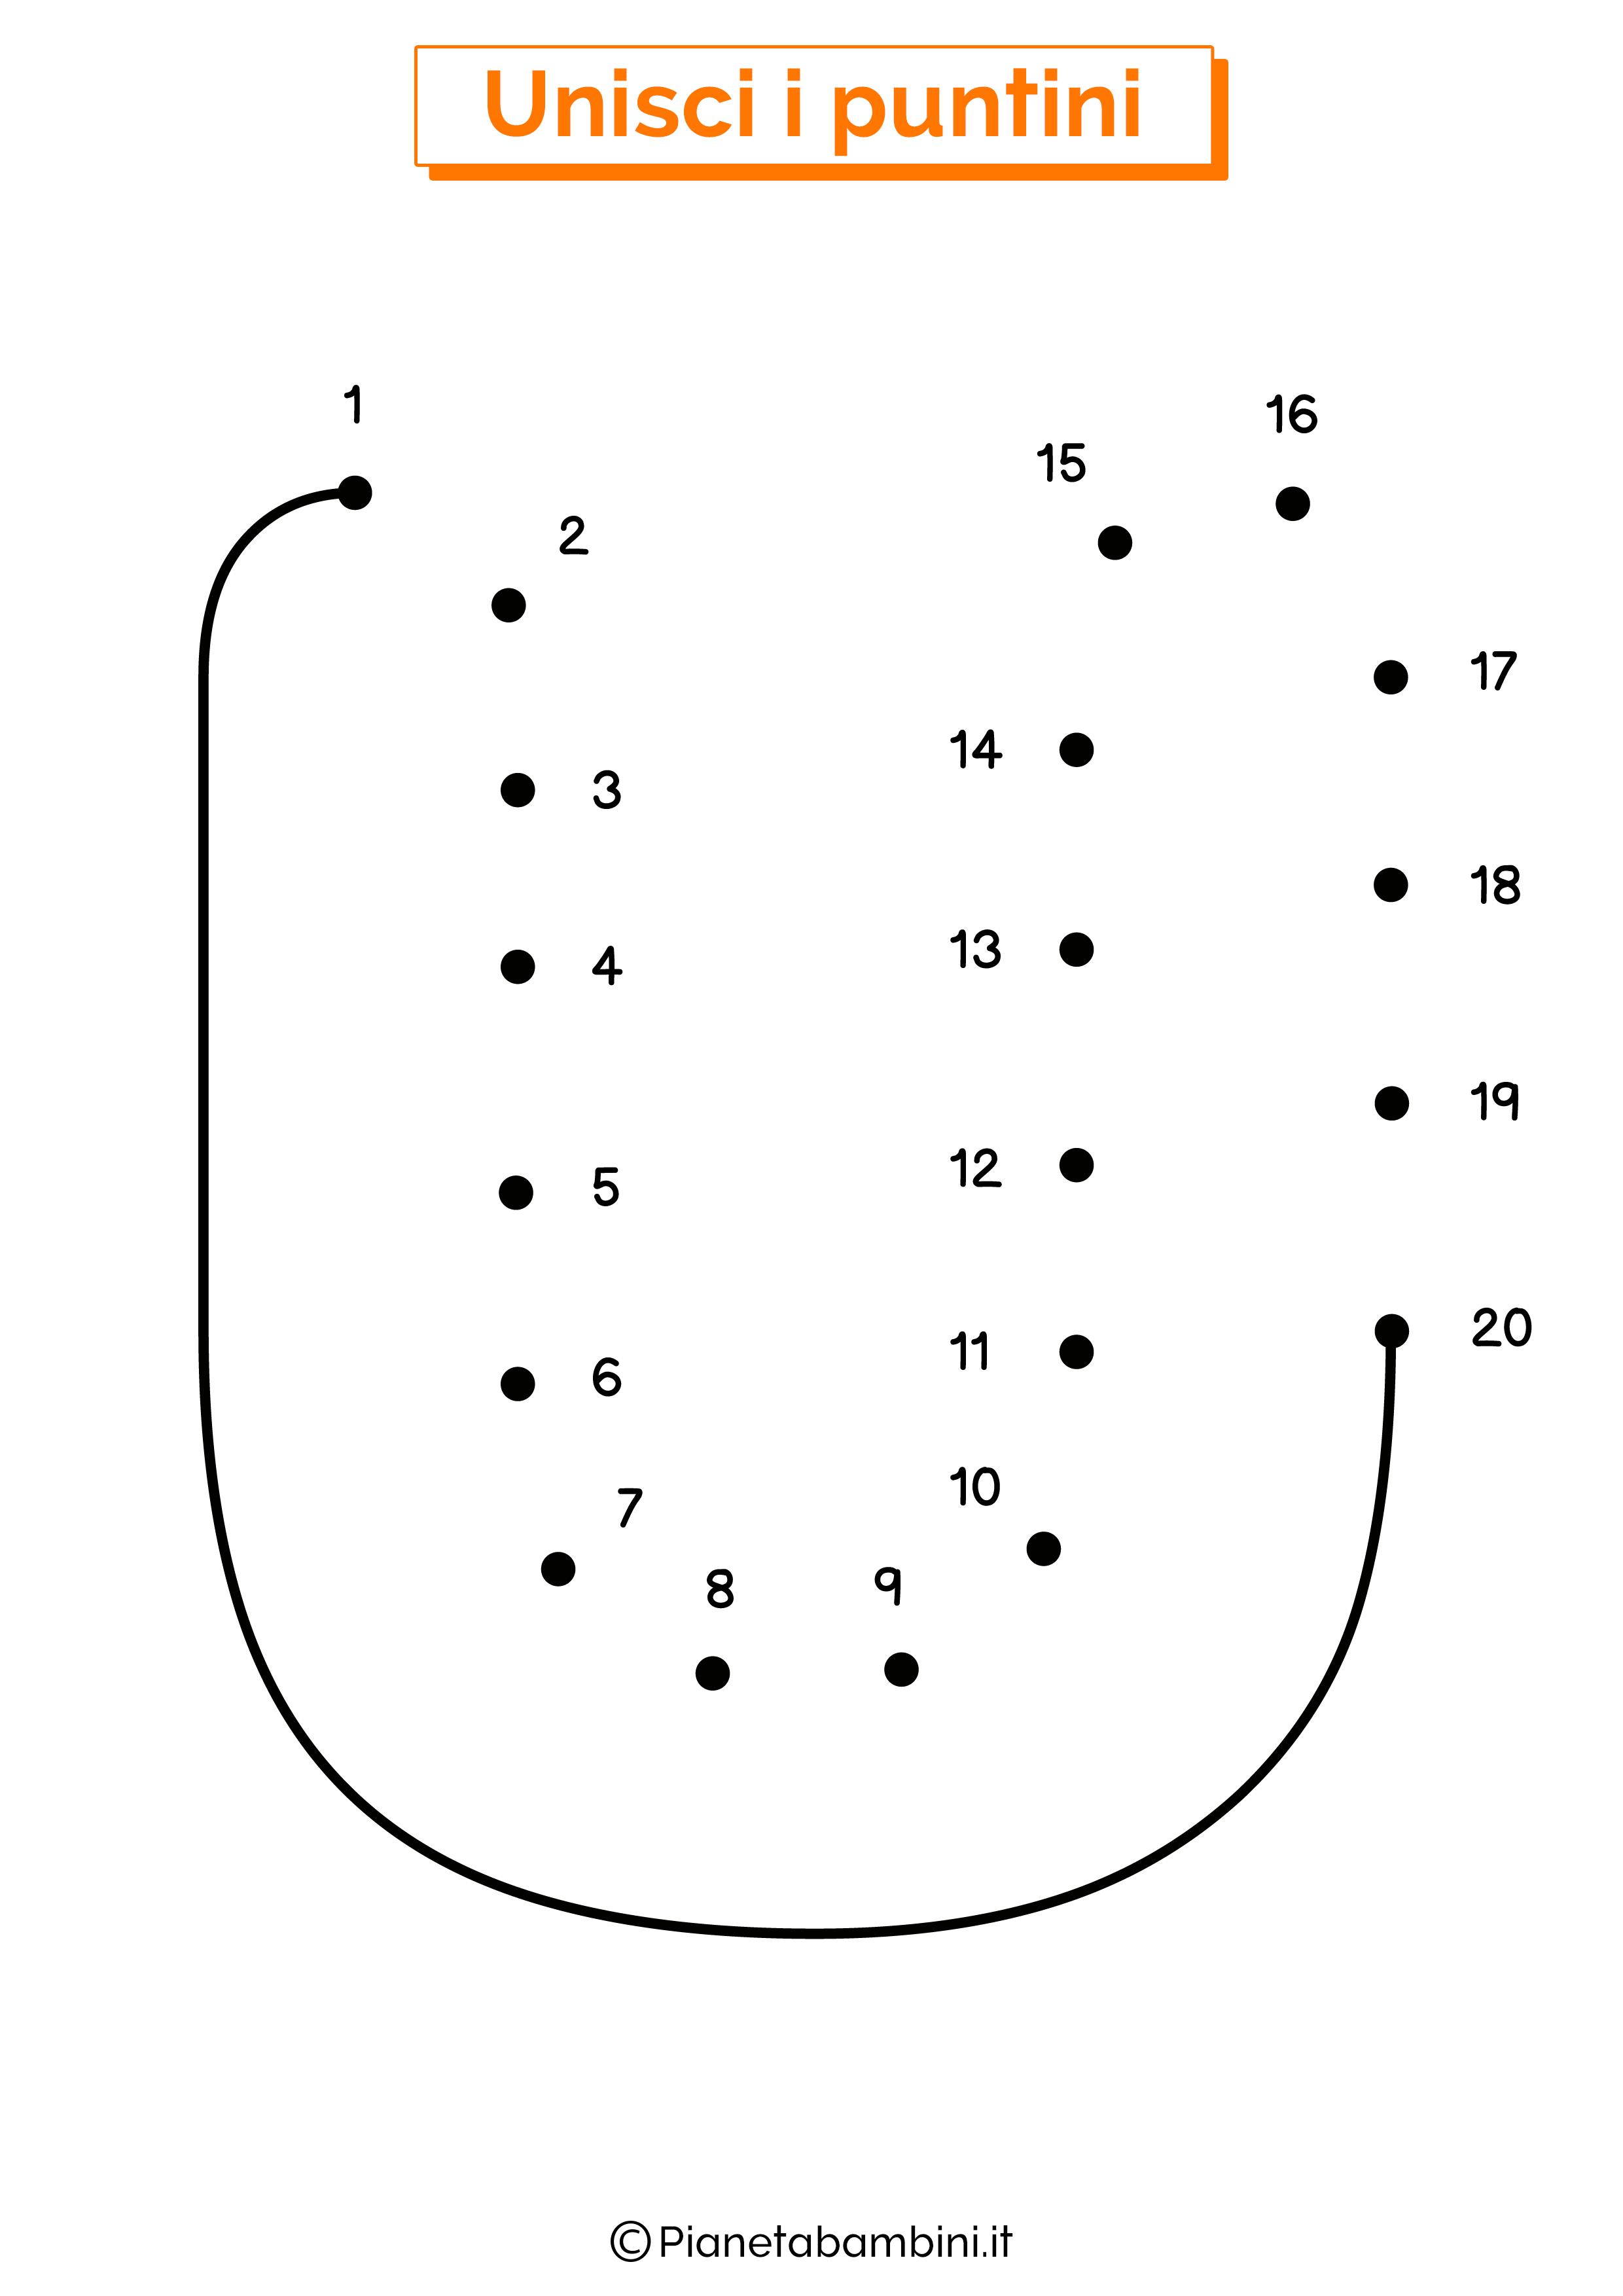 Unisci i puntini con la lettera U